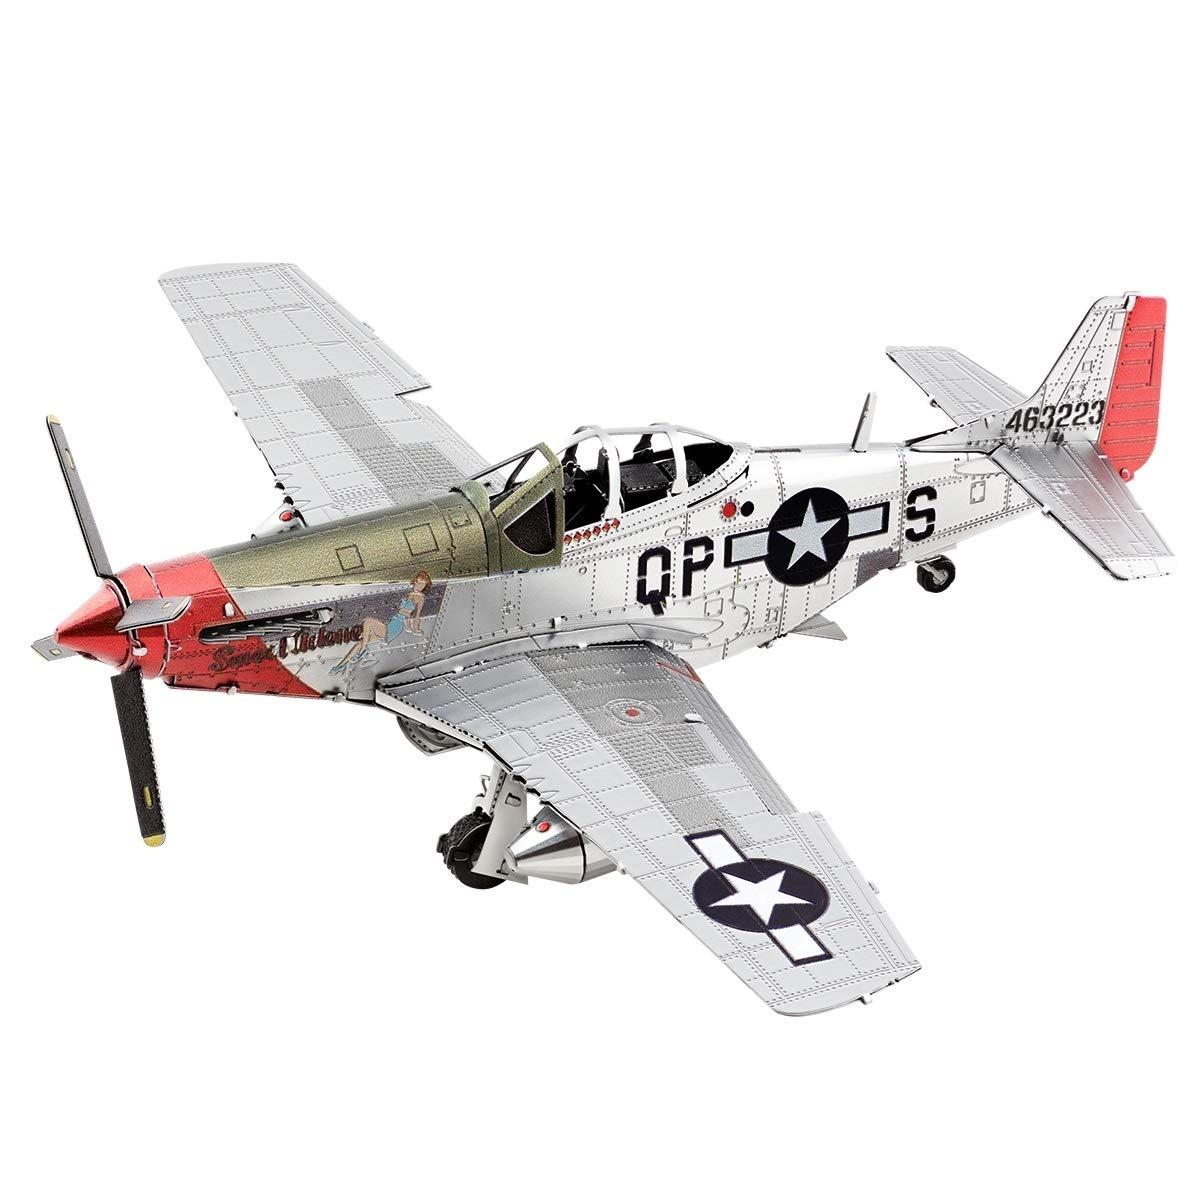 Fascinations Metal Earth P-51D Mustang Sweet Arlene 3D Metal Model Kit by Fascinations